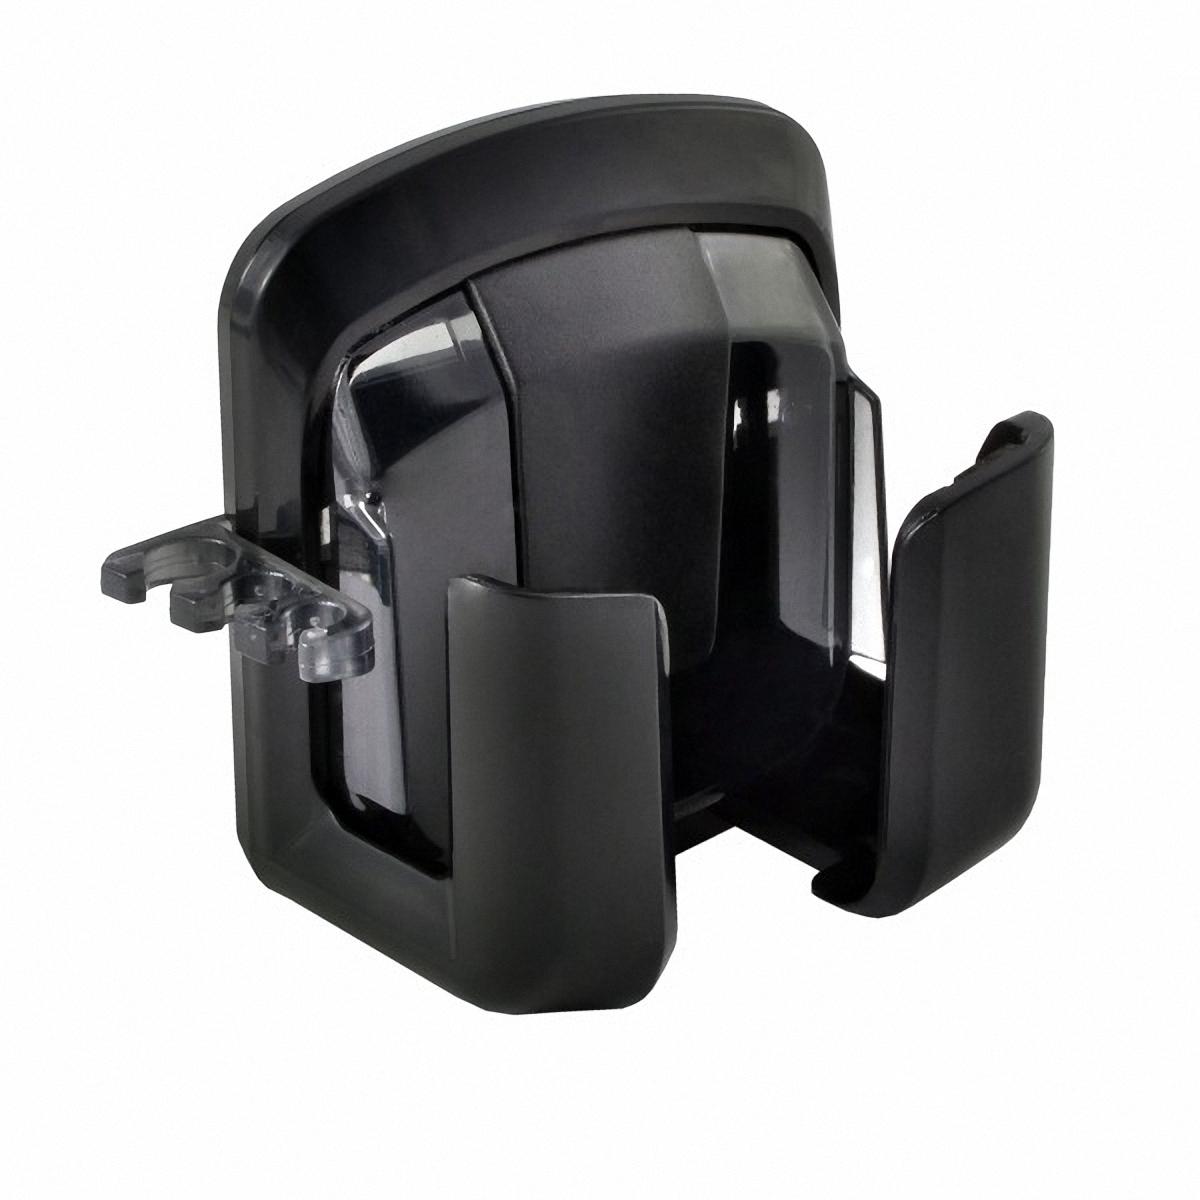 Держатель автомобильный Skyway, для телефона, на дефлектор. S00301012S00301012Держатель Skyway предназначен для телефона. Захват отделан мягкими вставками из мягкой резины, благодаря которым ваше устройство защищено от царапин.Легкая и удобная система установки позволяет быстро закрепить держатель в салоне практически любого автомобиля. Система поворота пьедестала позволяет поворачивать держатель на 360°.